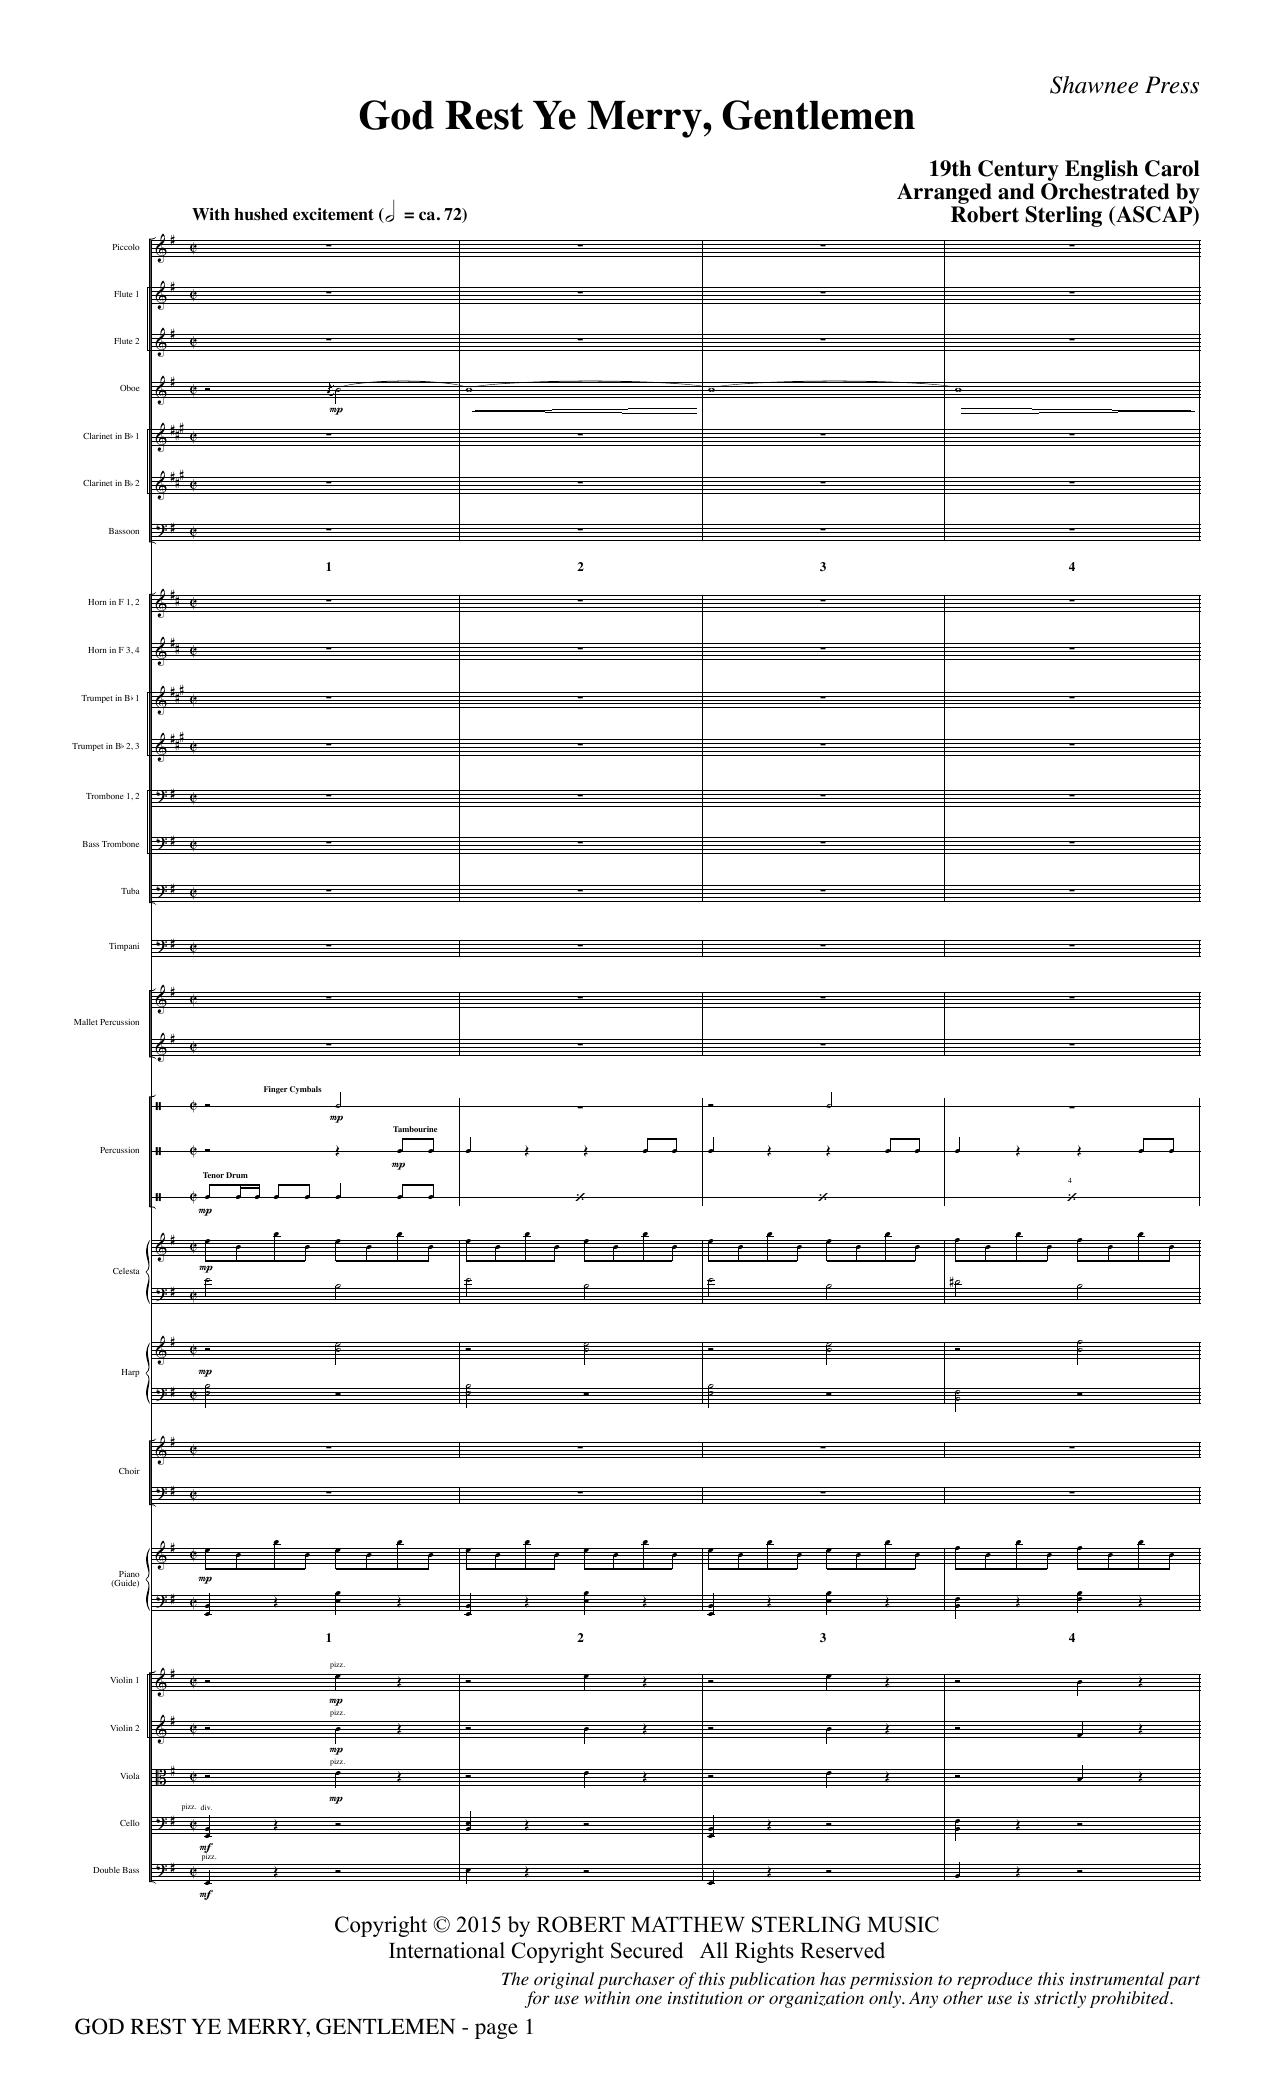 God Rest Ye Merry, Gentlemen - Full Score sheet music